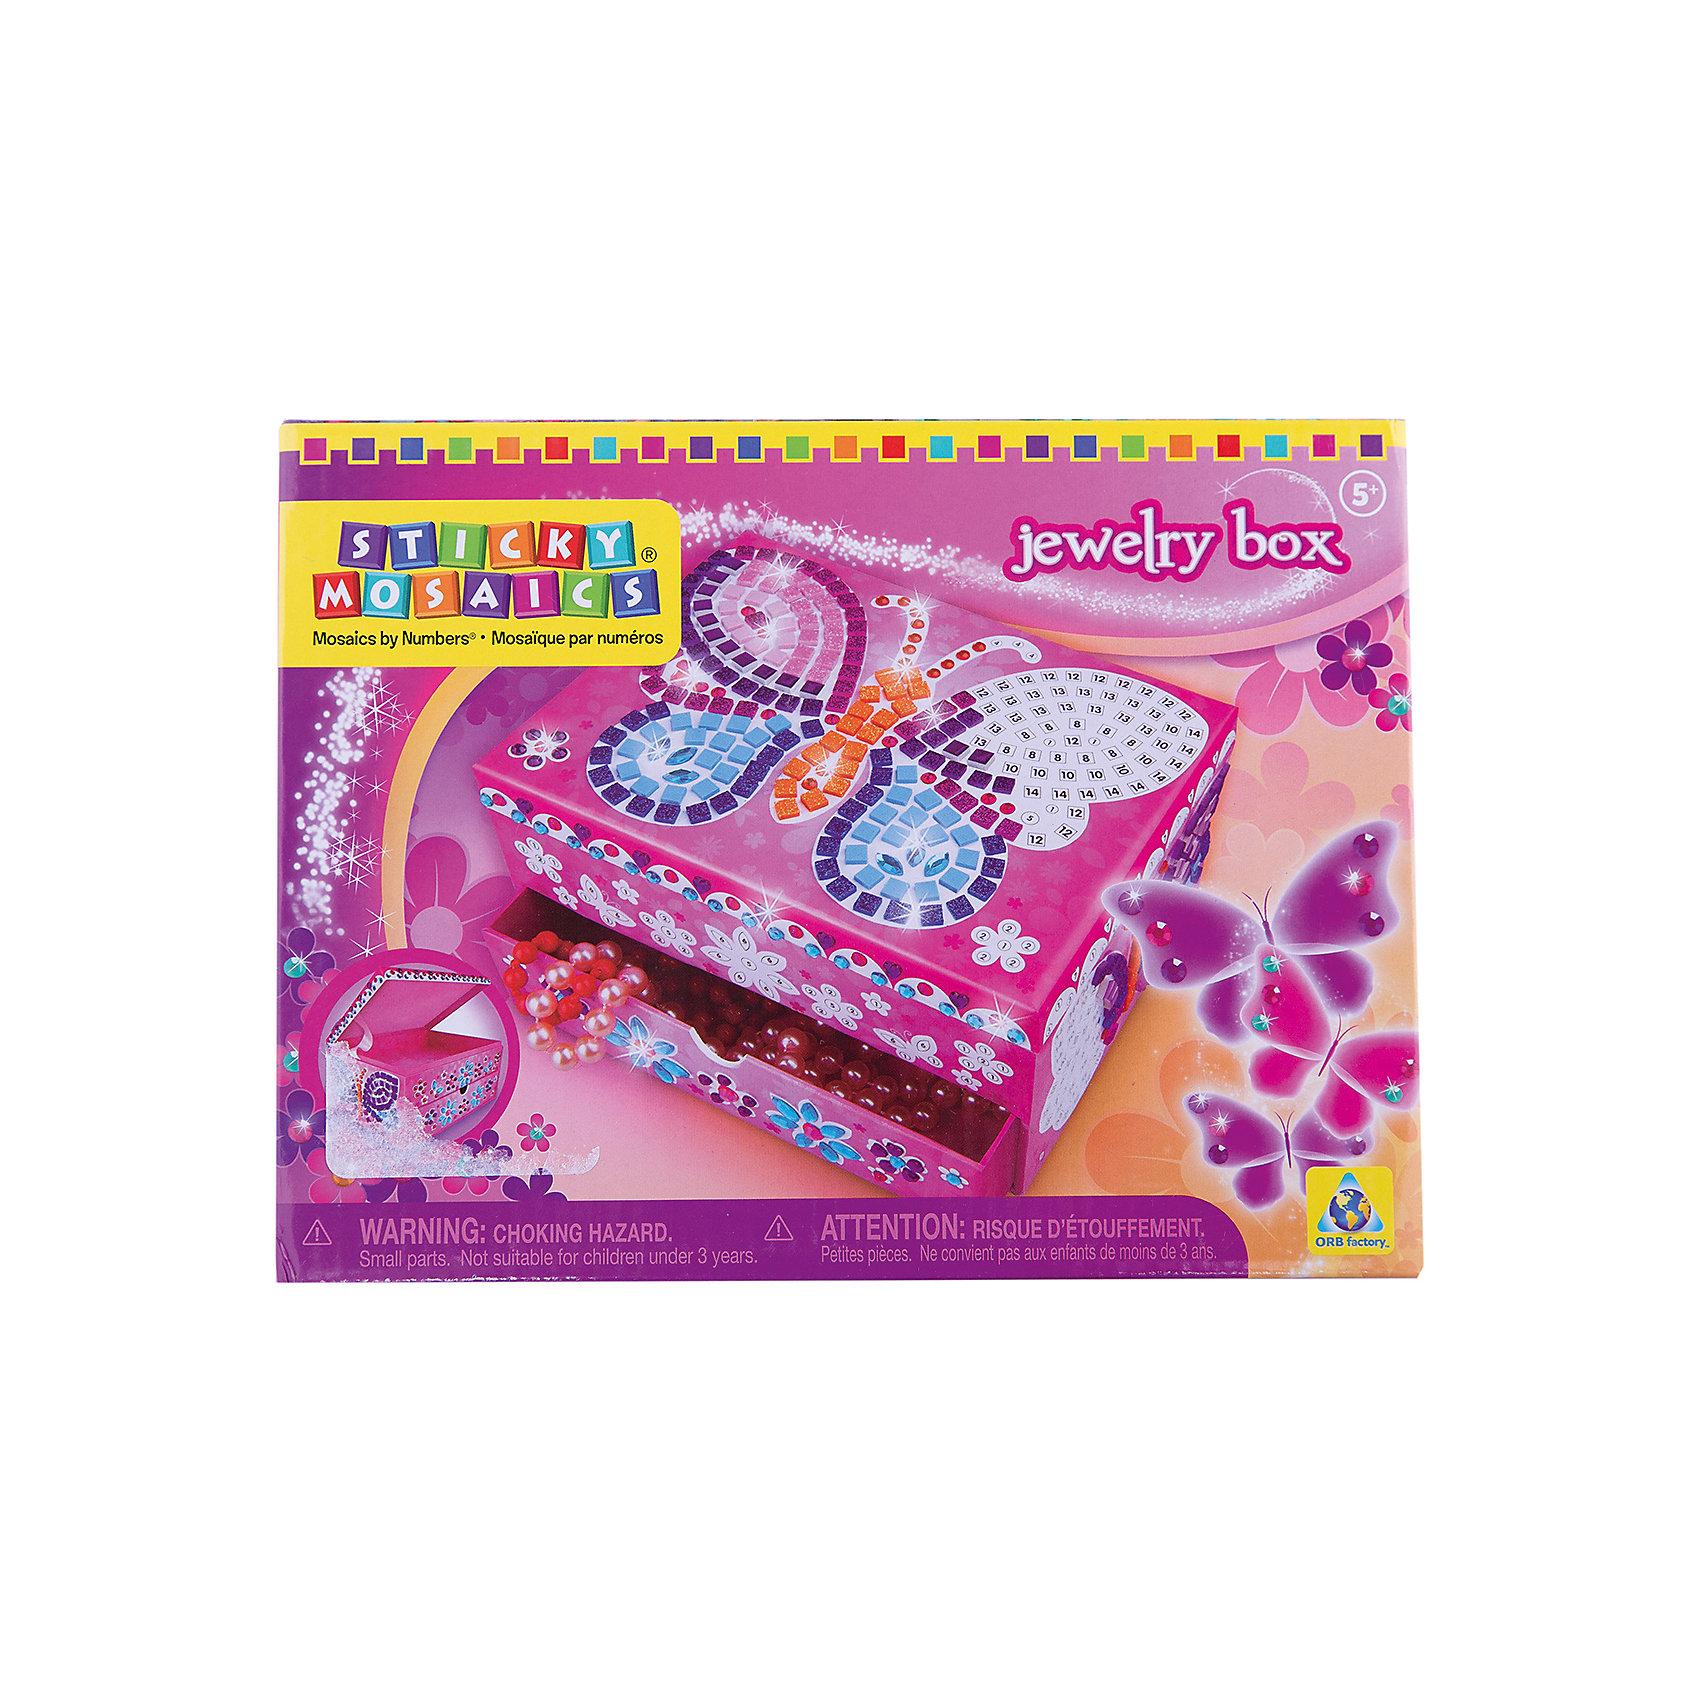 Мозаика-шкатулка Бабочка, ОригамиМозаика-шкатулка Бабочка, Оригами – это оригинальная шкатулка для маленькой принцессы с разноцветными самоклеющимися элементами.<br>Мозаика-шкатулка Бабочка непременно понравится вашей девочке. Этот великолепный набор для творчества включает в себя прекрасную шкатулку, которую можно украсить красивой бабочкой с помощью различных стикеров-стразов. Самоклеющиеся элементы мозаики нужно наносить на шкатулку по номерам, а можно самой придумать узор! Умная мозаика с самоклеющимися элементами отличается высоким качеством исполнения и красочным цветовым дизайном. Шкатулка изготовлена из ламинированного картона. В двух отделениях шкатулки можно хранить любимые украшения! Она станет прекрасным дополнением интерьера комнаты!<br><br>Дополнительная информация:<br><br>- В наборе: шкатулка, 1000 сверкающих украшений<br>- Размер шкатулки: 20 х 10 х 15 см.<br>- Материал: бумага, картон, клеевой материал, пластмасса, гибкий поролон<br>- Размер упаковки: 21 x 10,8 x 15,9 см.<br><br>Мозаику-шкатулку Бабочка, Оригами можно купить в нашем интернет-магазине.<br><br>Ширина мм: 210<br>Глубина мм: 108<br>Высота мм: 159<br>Вес г: 536<br>Возраст от месяцев: 48<br>Возраст до месяцев: 108<br>Пол: Женский<br>Возраст: Детский<br>SKU: 3911454